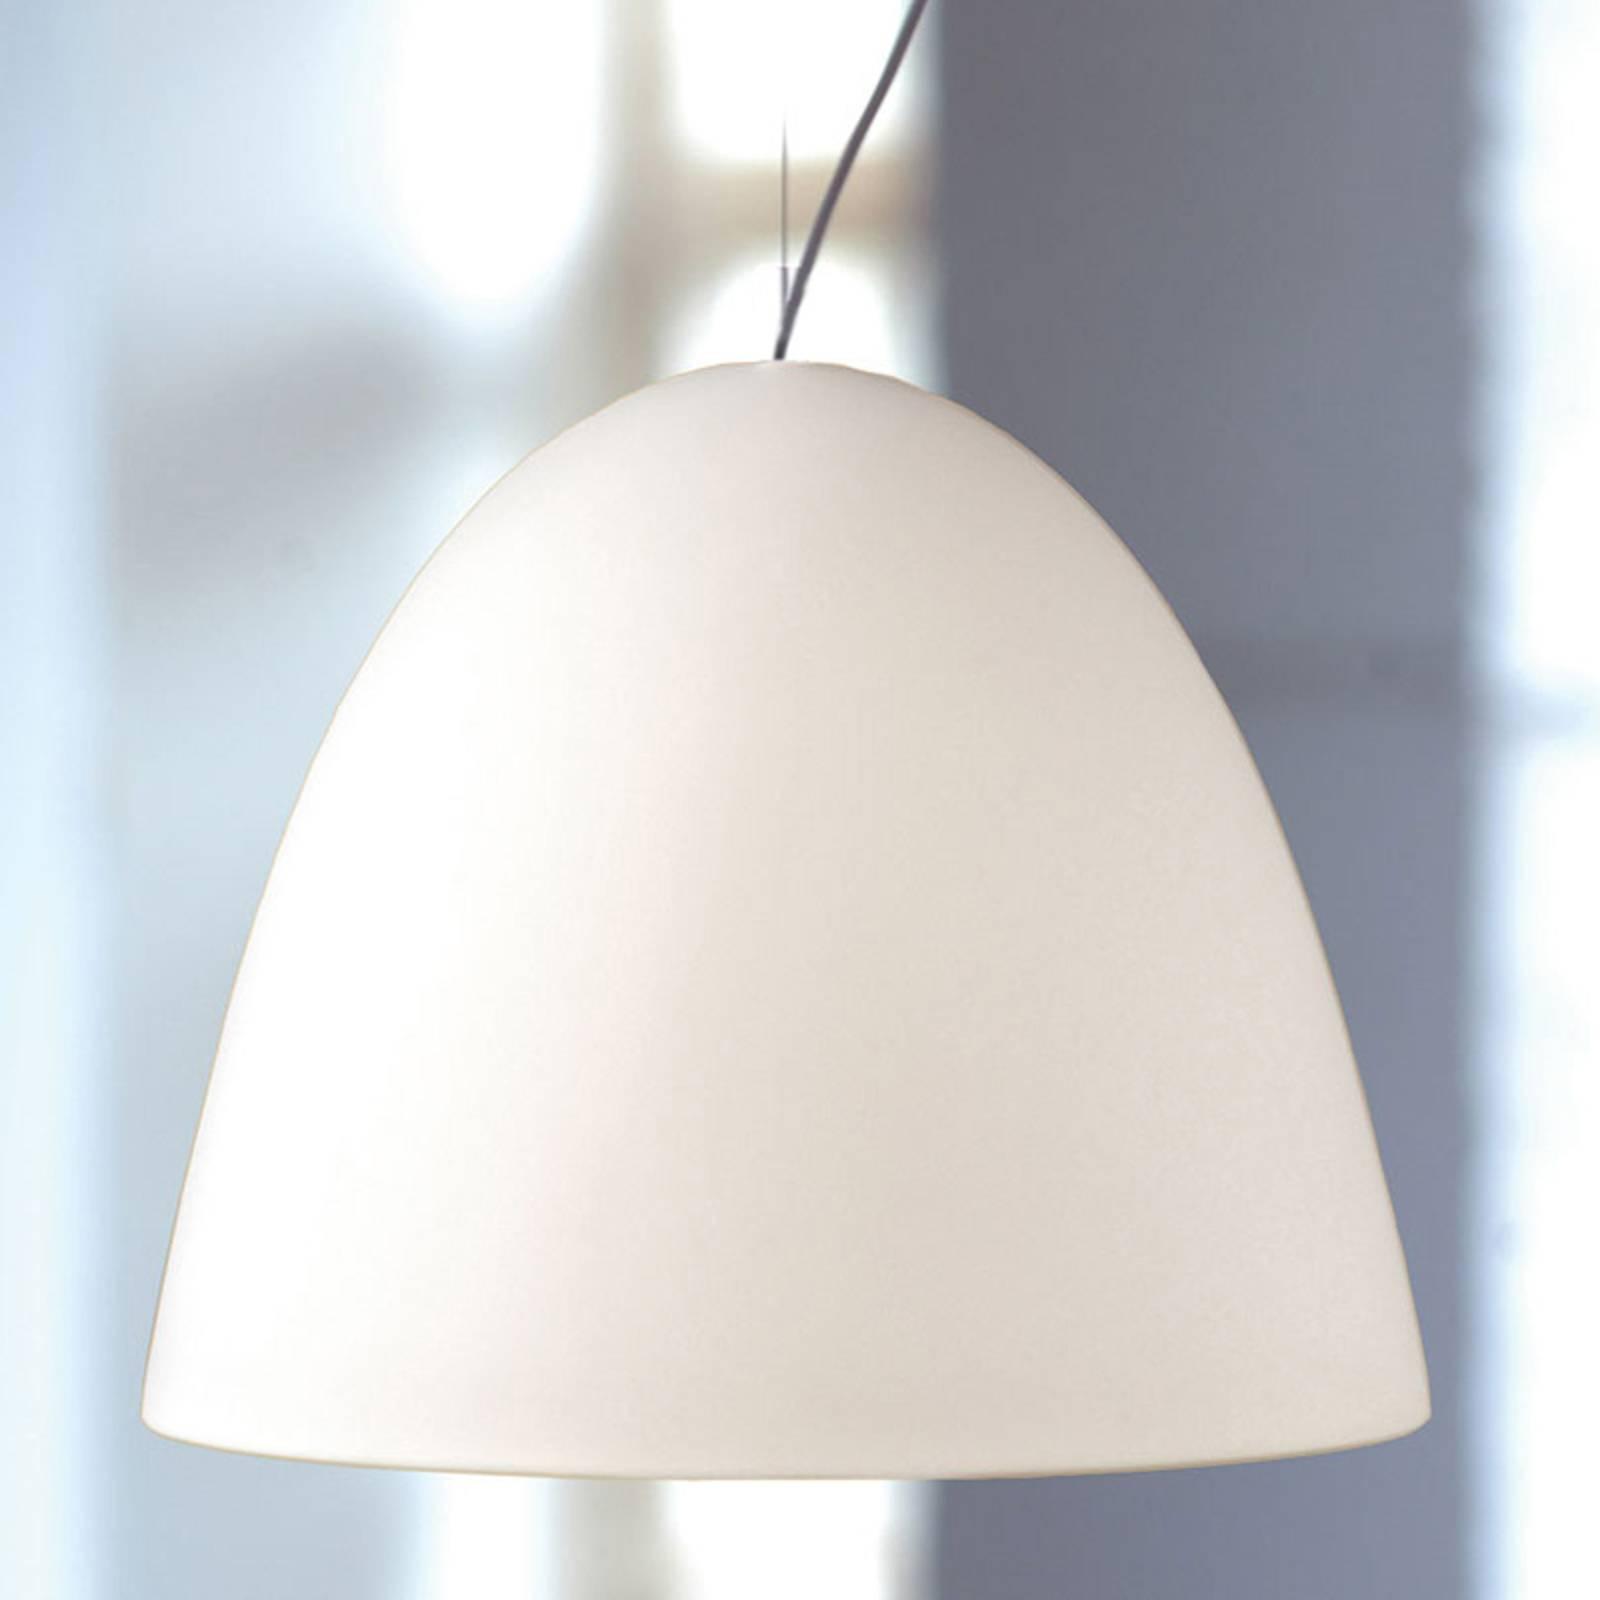 BELL-riippuvalaisin, 30 cm, yksilamppuinen